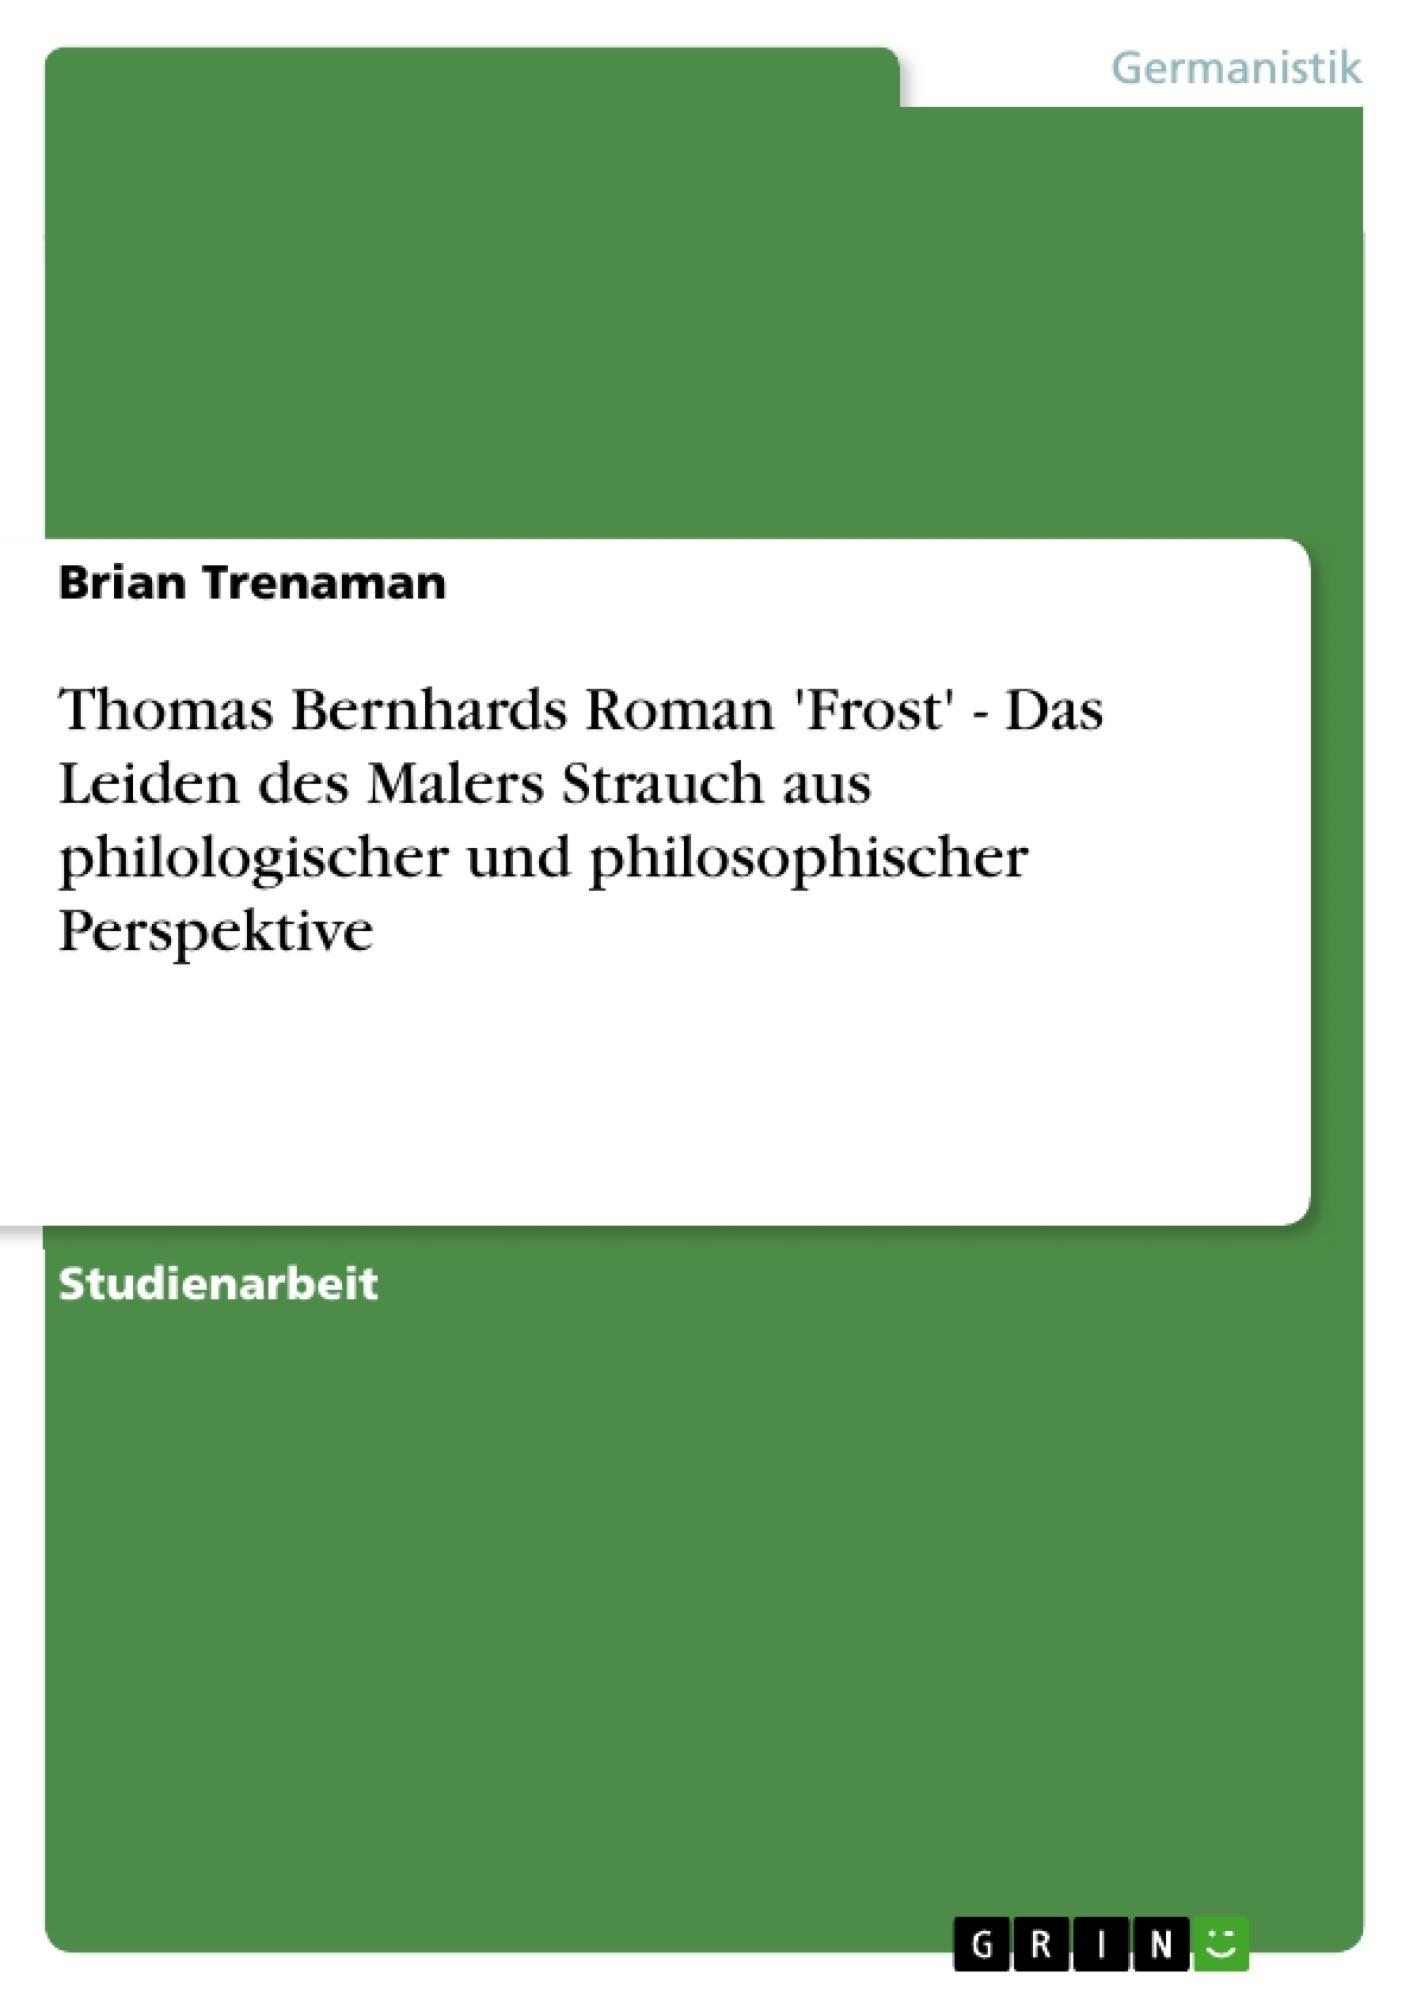 Titel: Thomas Bernhards Roman 'Frost' - Das Leiden des Malers Strauch aus philologischer und philosophischer Perspektive